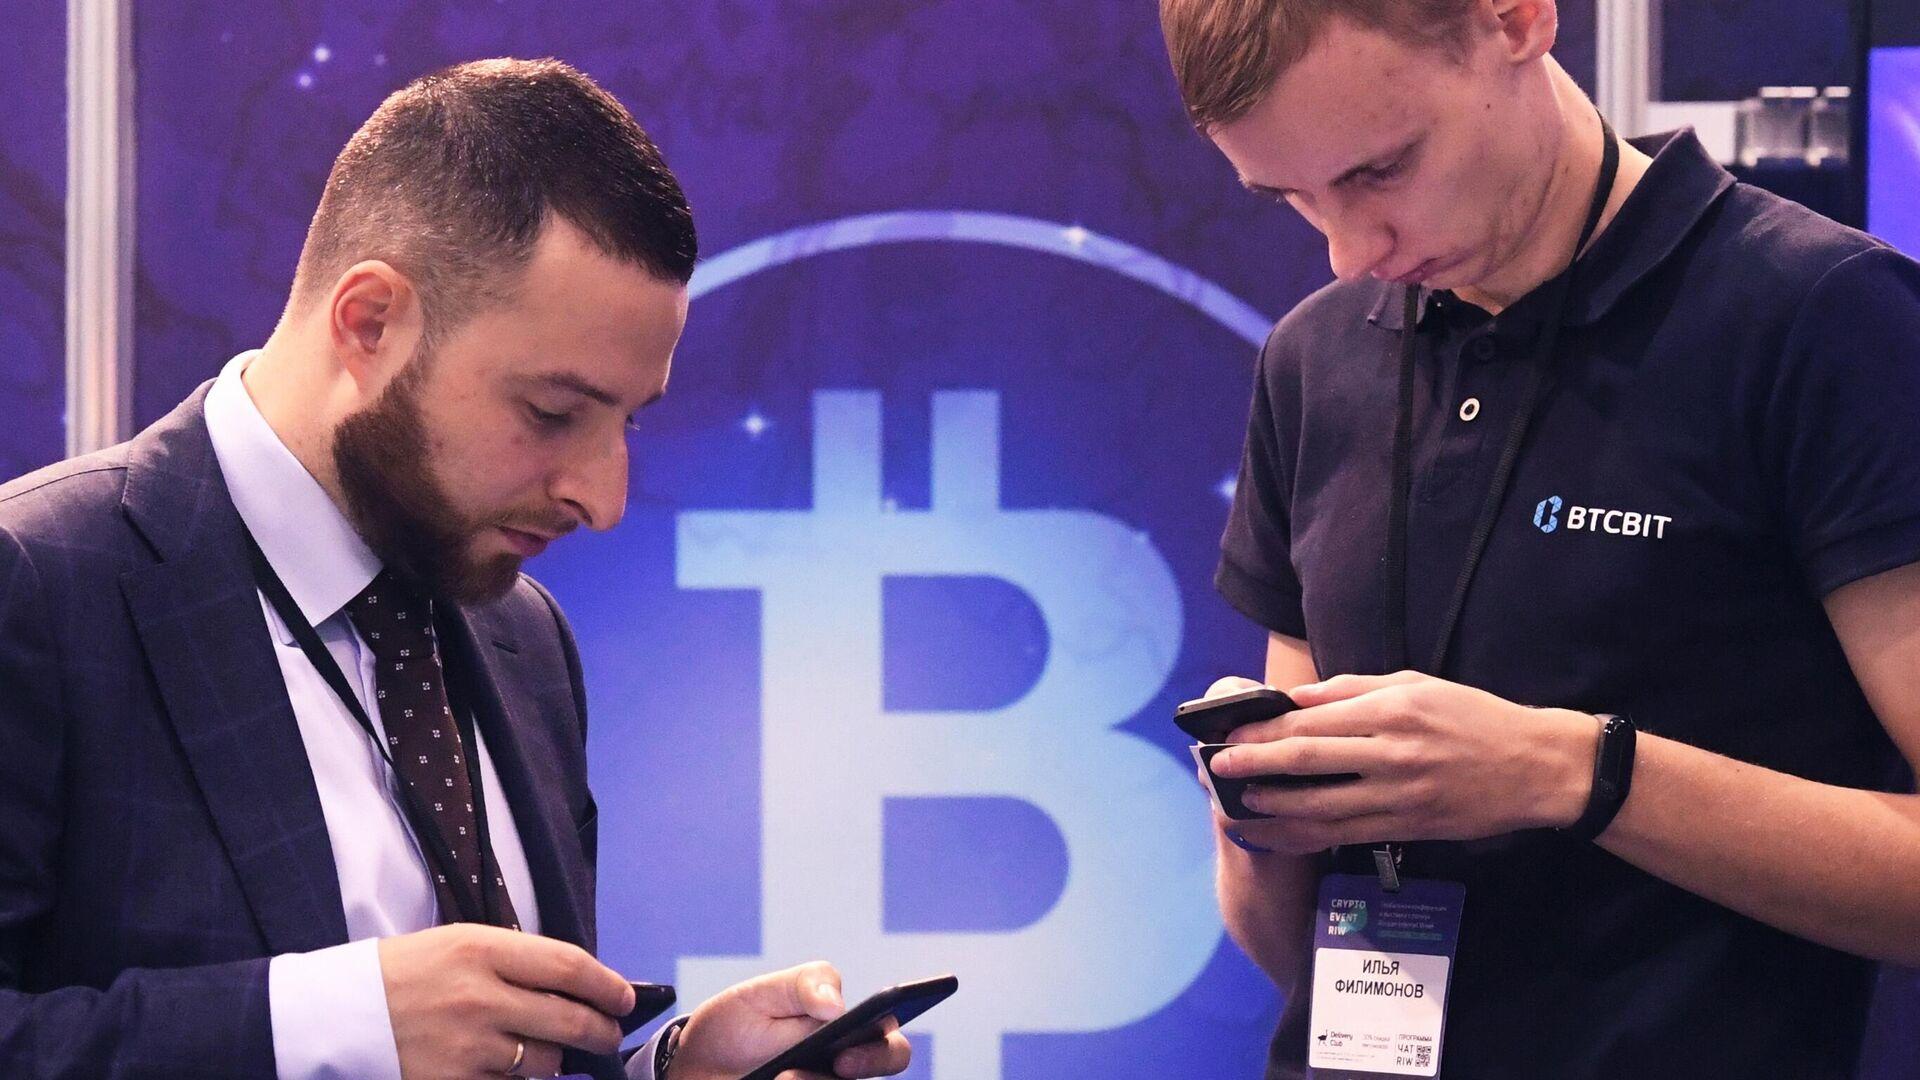 Участники конференции в одной из выставочных зон CryptoEvent RIW - РИА Новости, 1920, 16.04.2021